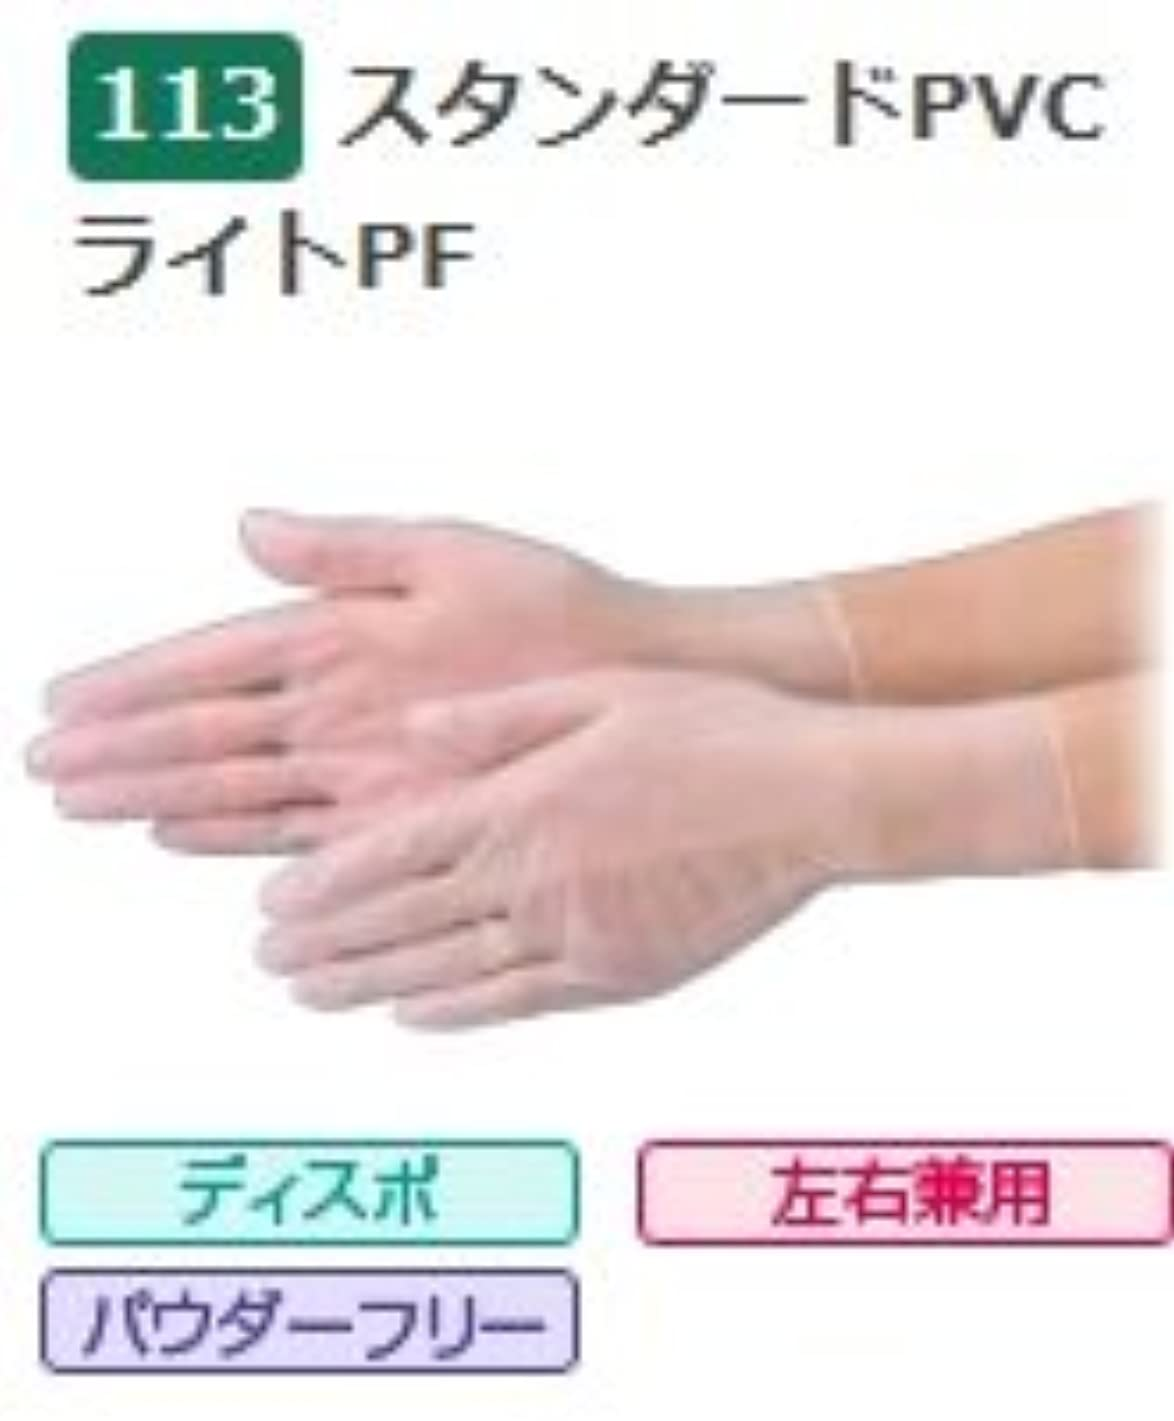 エブノ PVC手袋 No.113 M 半透明 (100枚×30箱) スタンダードPVCライト PF